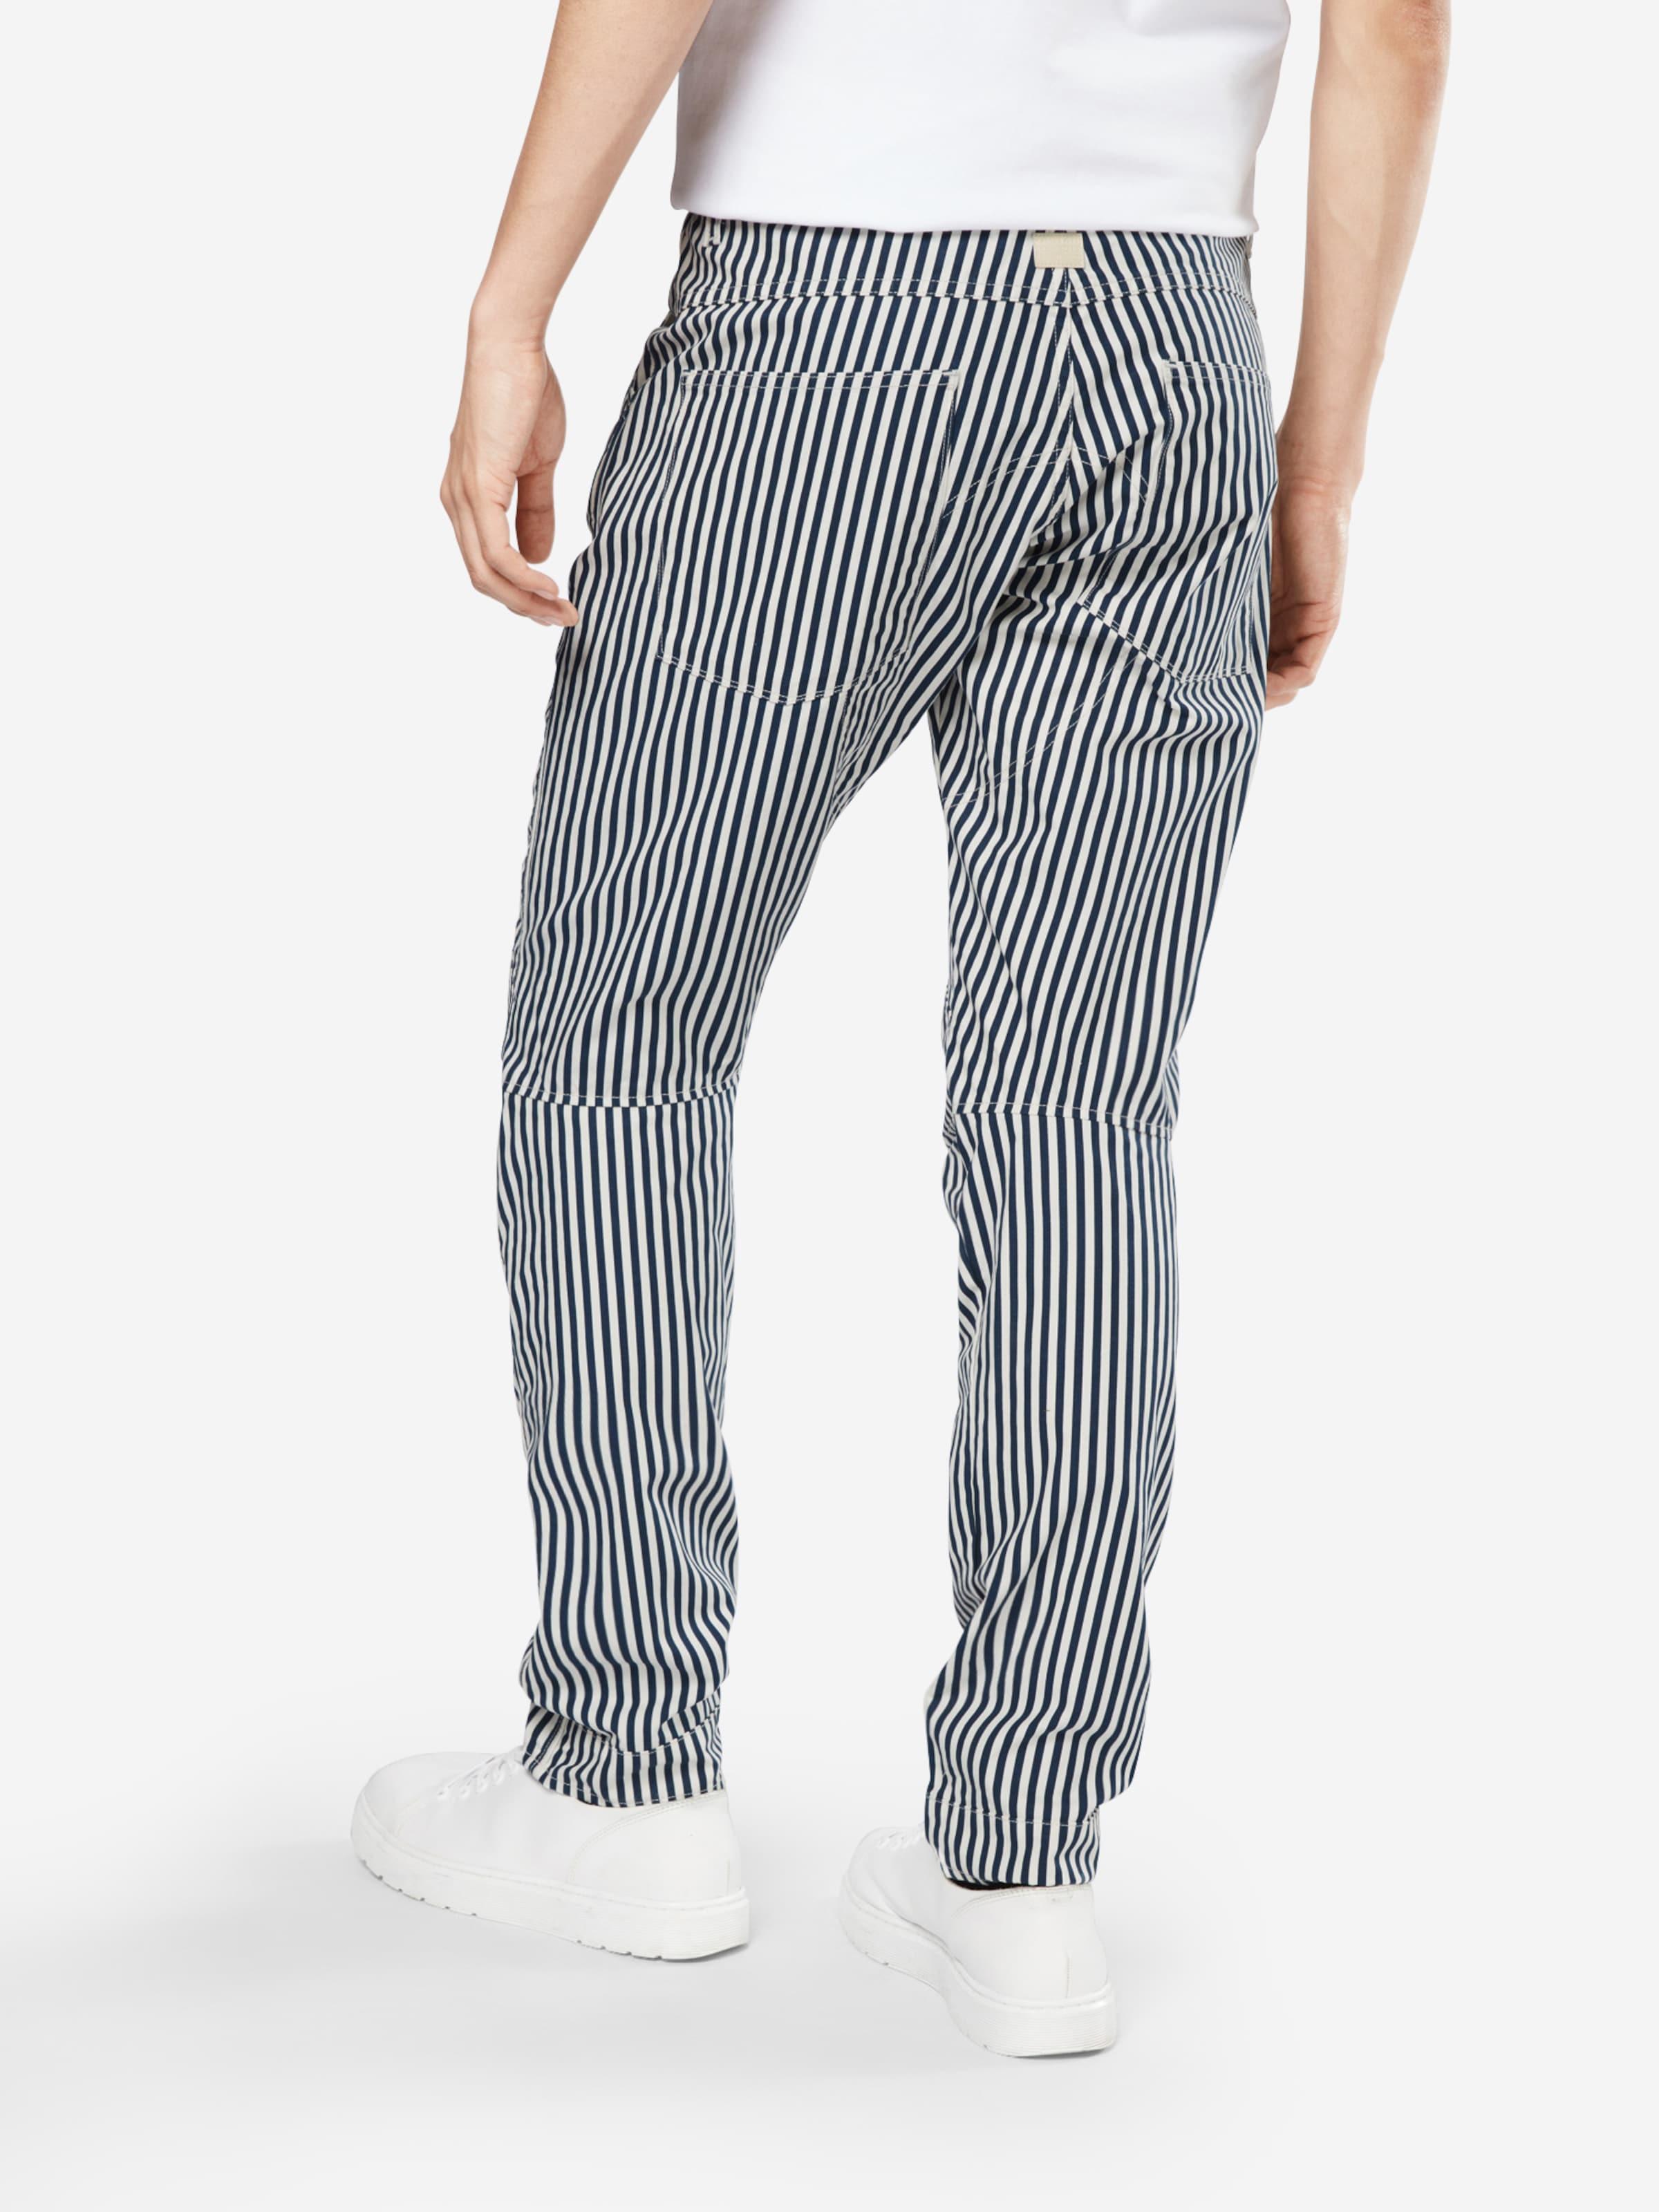 Kaufen Sie Ihre Lieblings Outlet Shop Angebot G-STAR RAW Jeans '5622 3D Tapered COJ' Wiki Verkauf Online FQXEQ